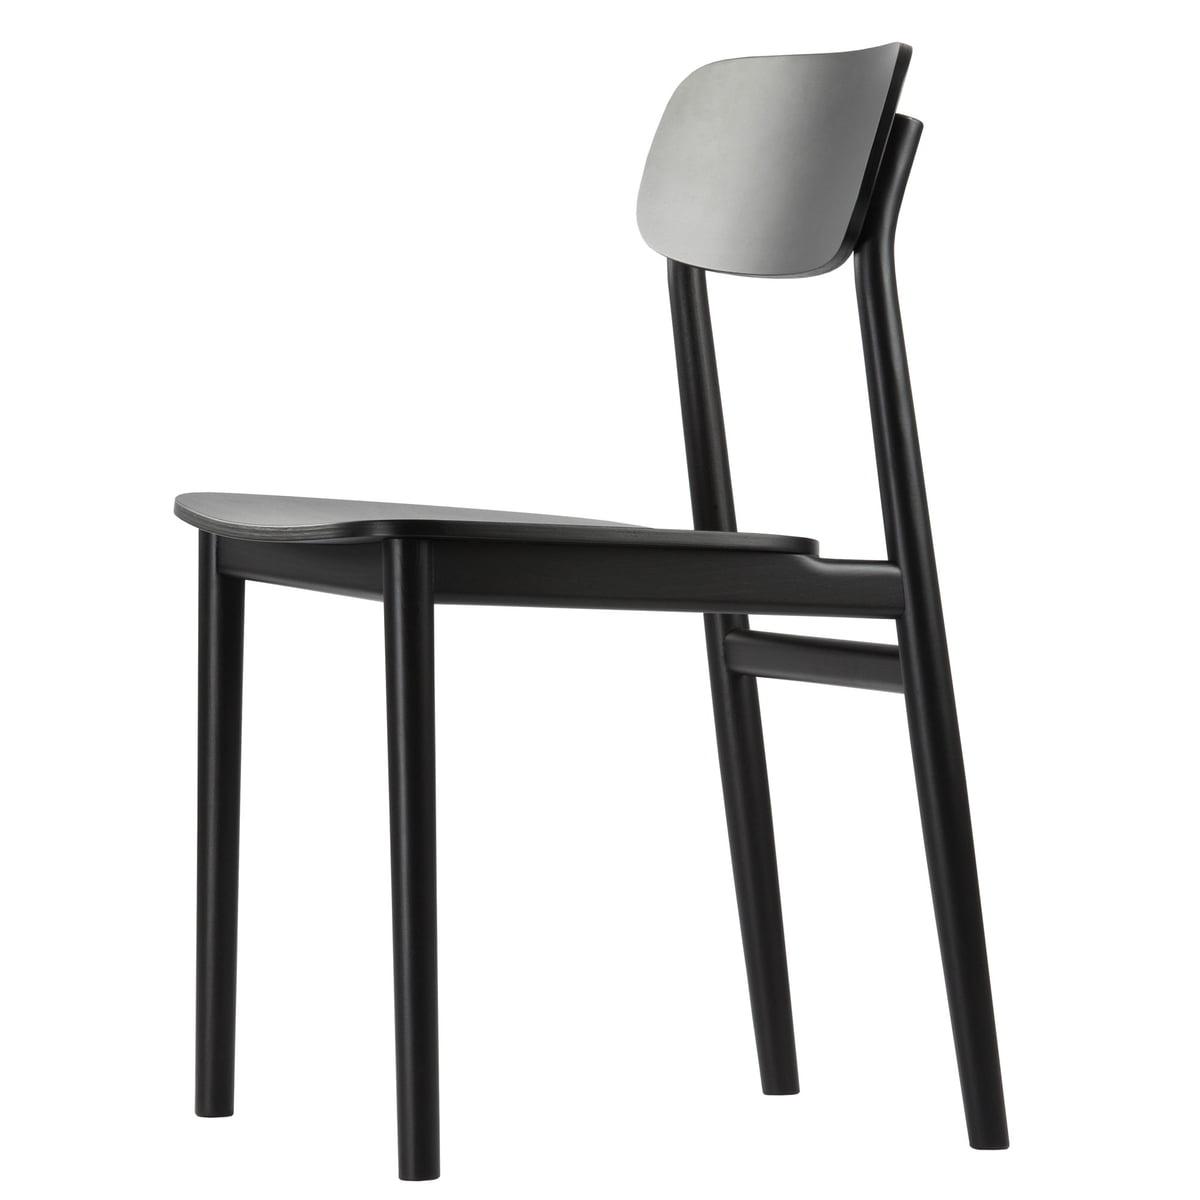 Thonet 130 stuhl buche schwarz gebeizt tp 29 schwarz for Thonet stuhl schwarz